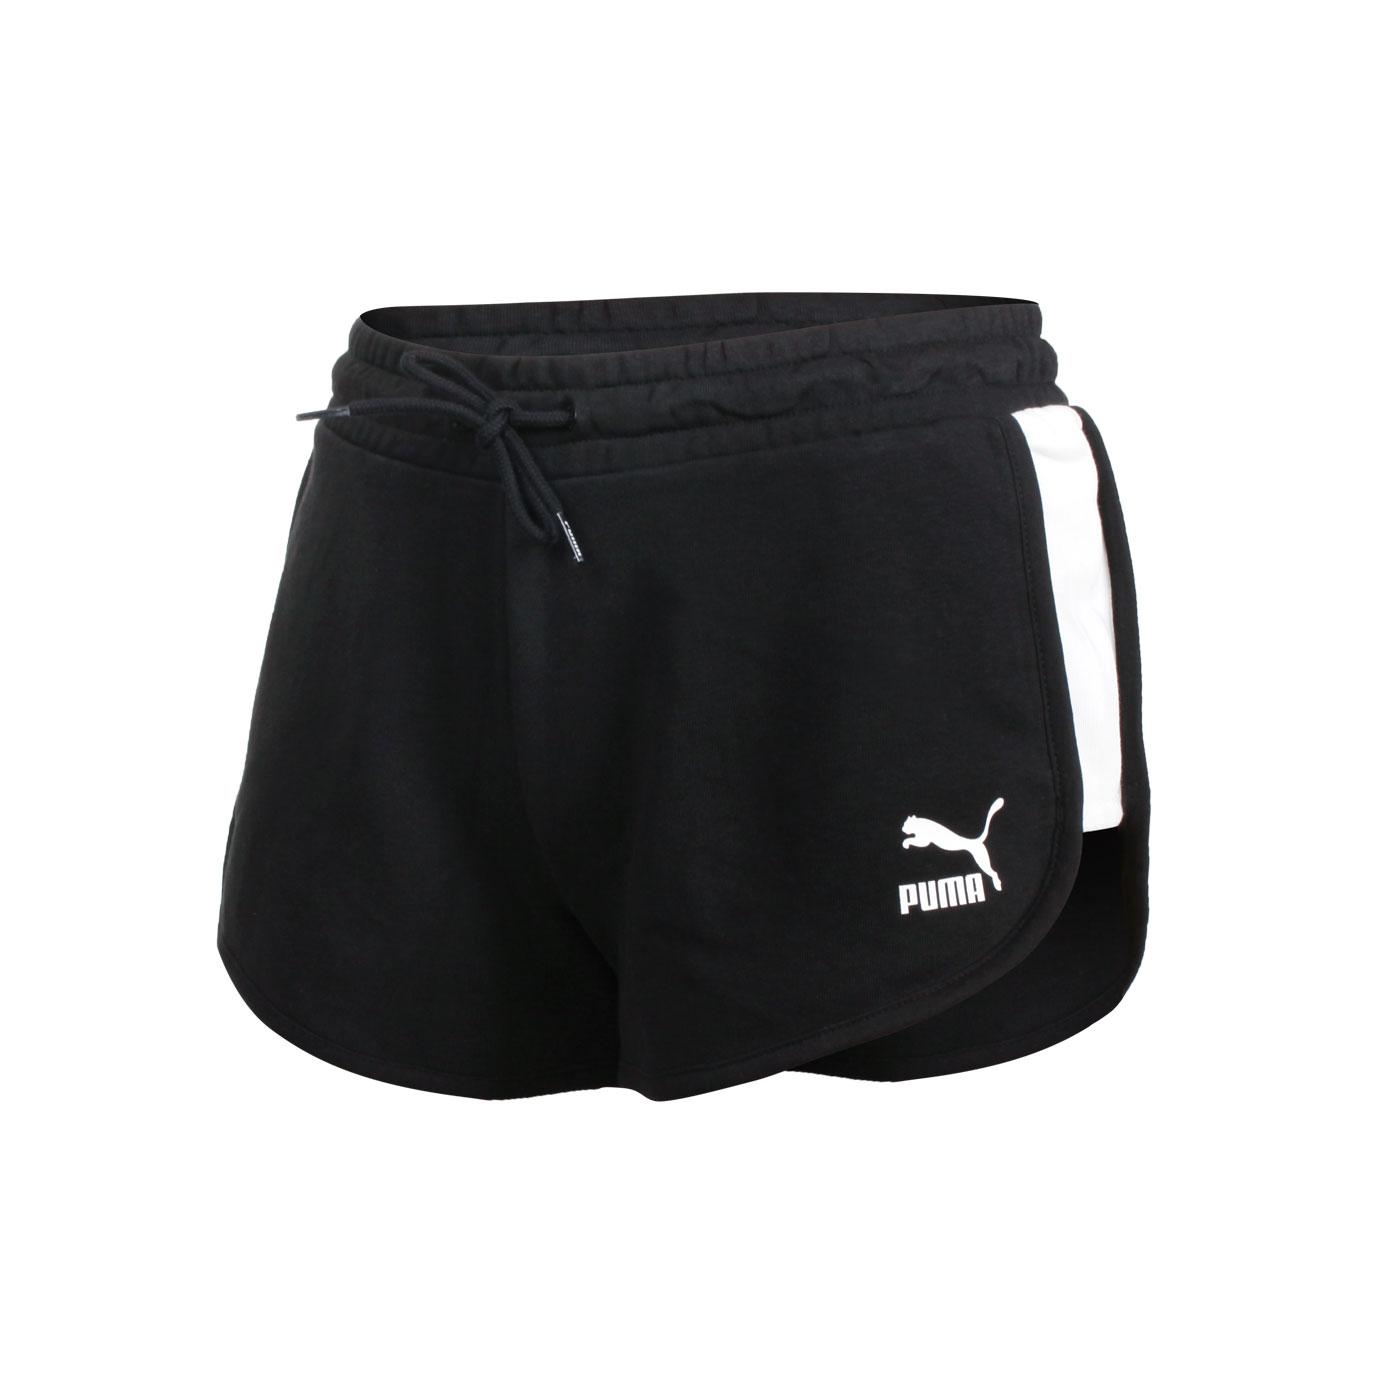 PUMA 女款流行系列T7短褲 53023701 - 黑白